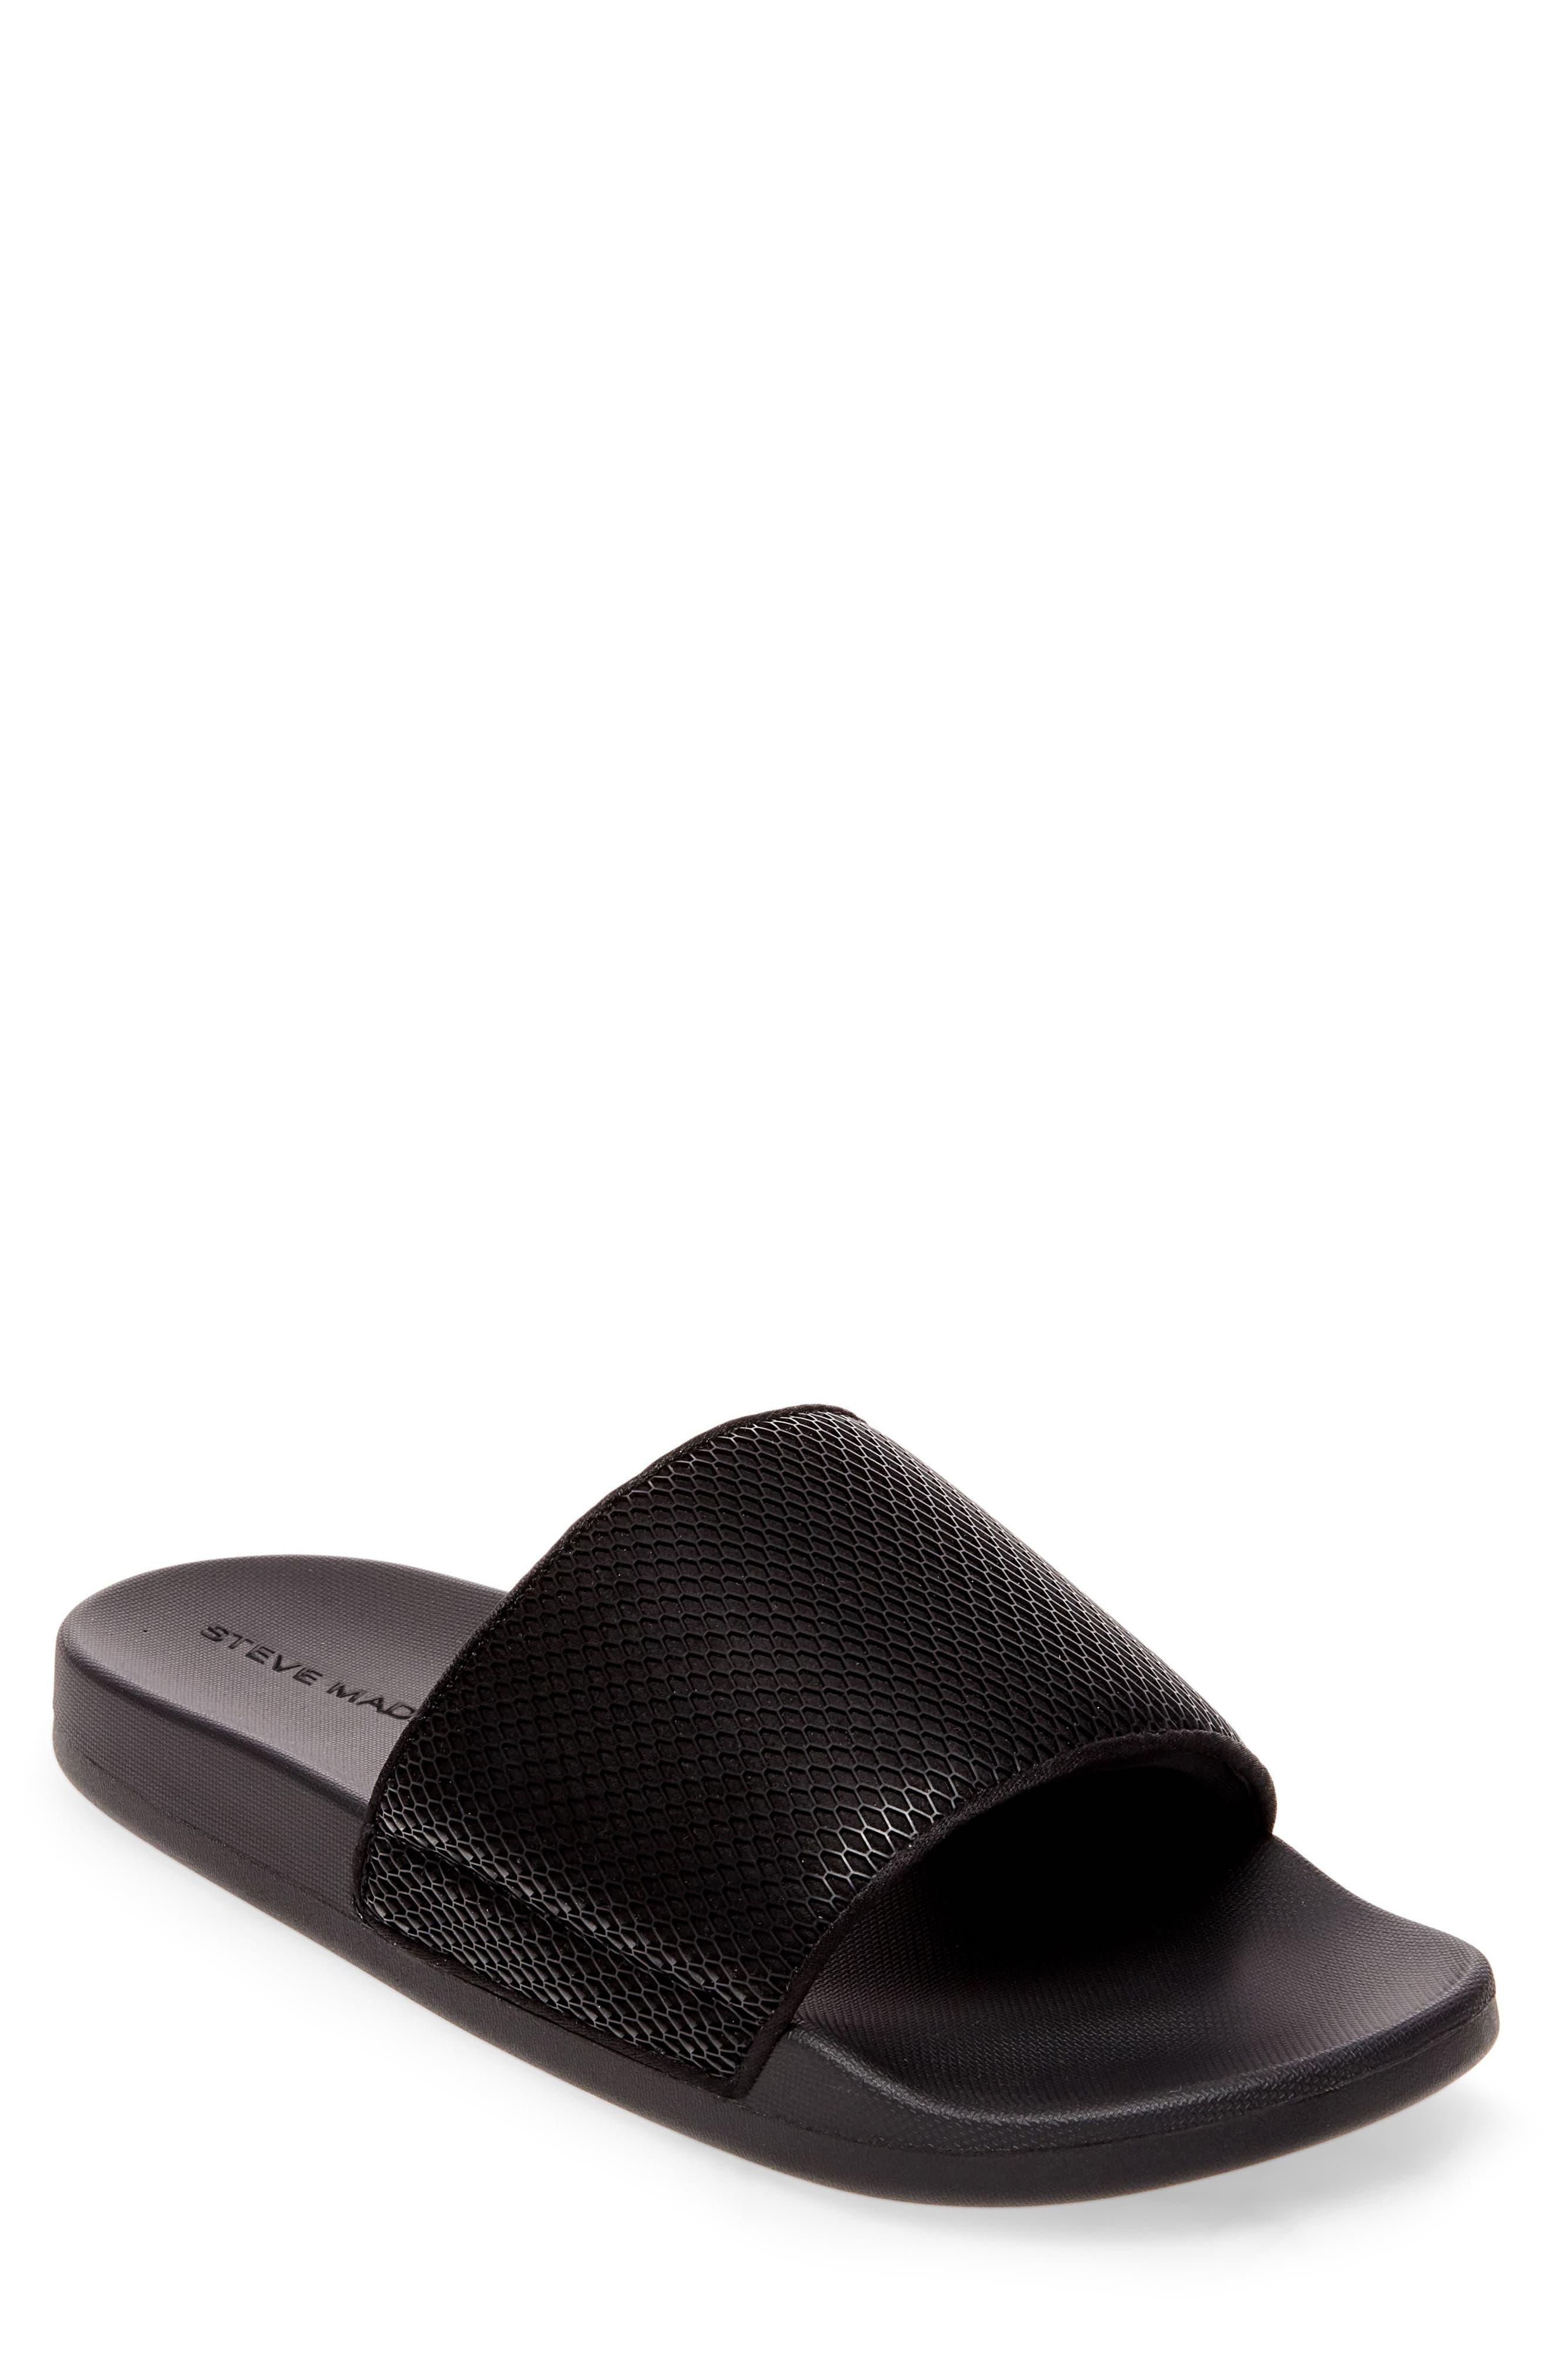 Alternate Image 1 Selected - Steve Madden Ransom Slide Sandal (Men)